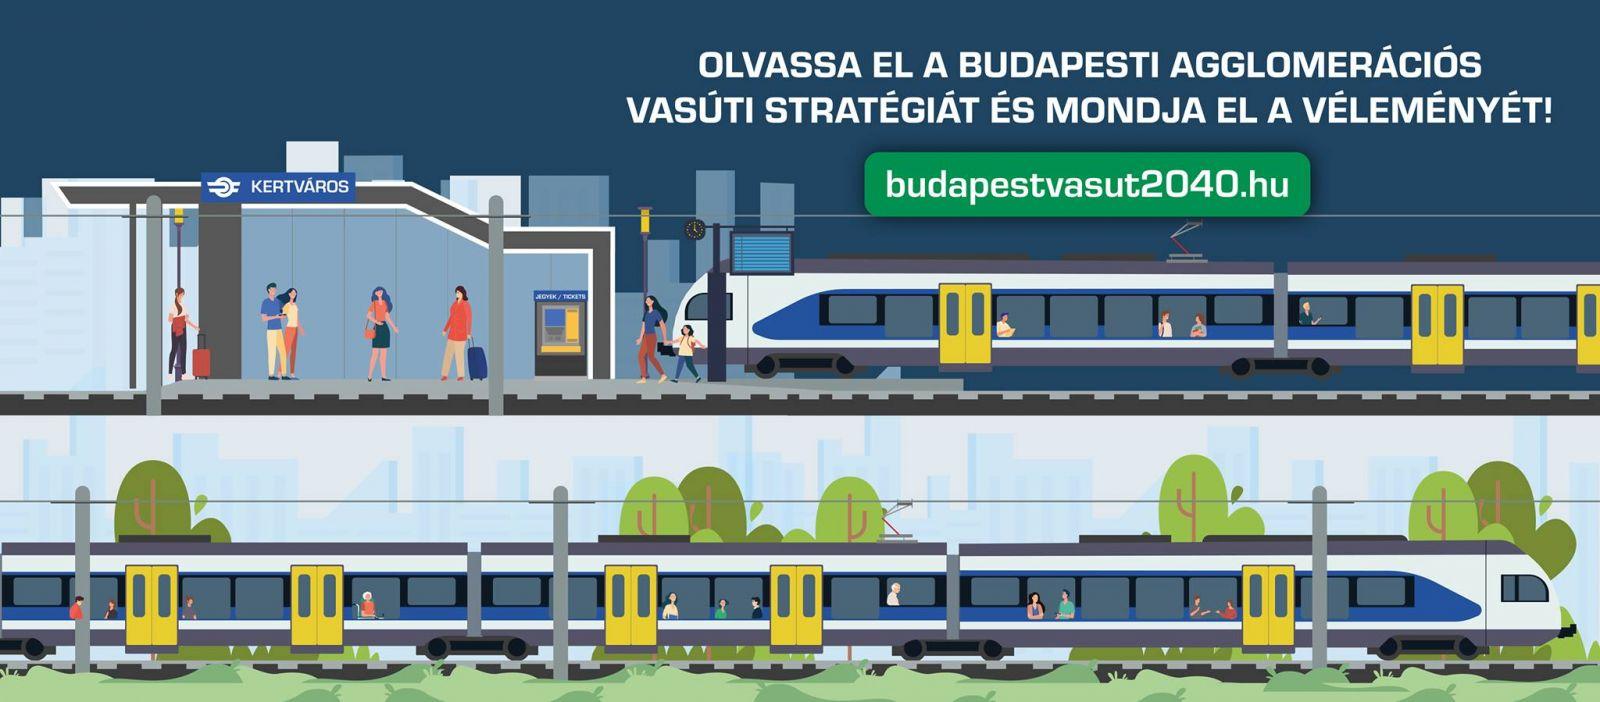 Budapesti agglomerációs vasúti stratégia